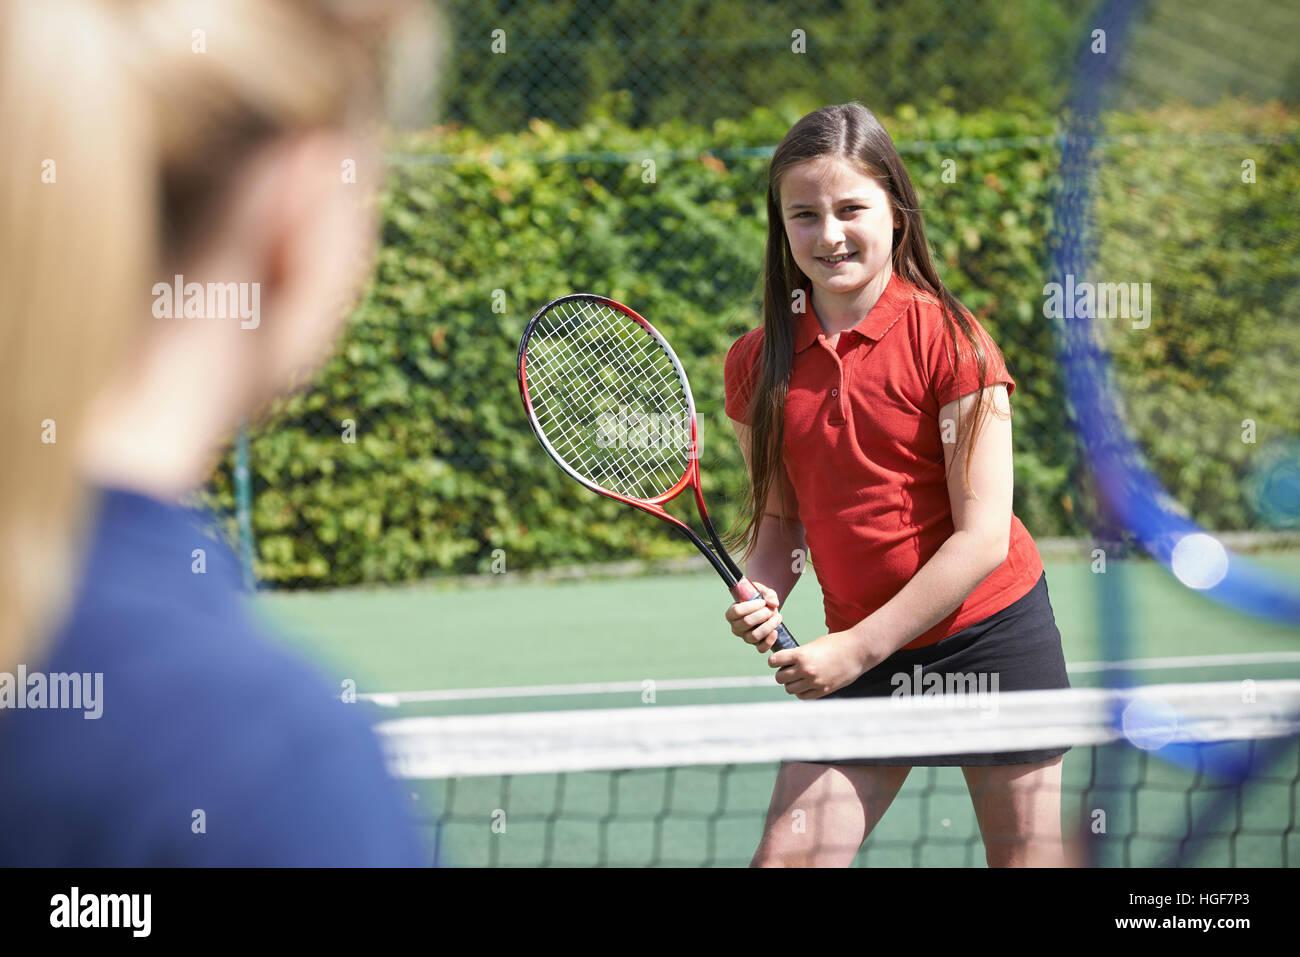 Tennis femminile allenatore dando lezione a ragazza Immagini Stock